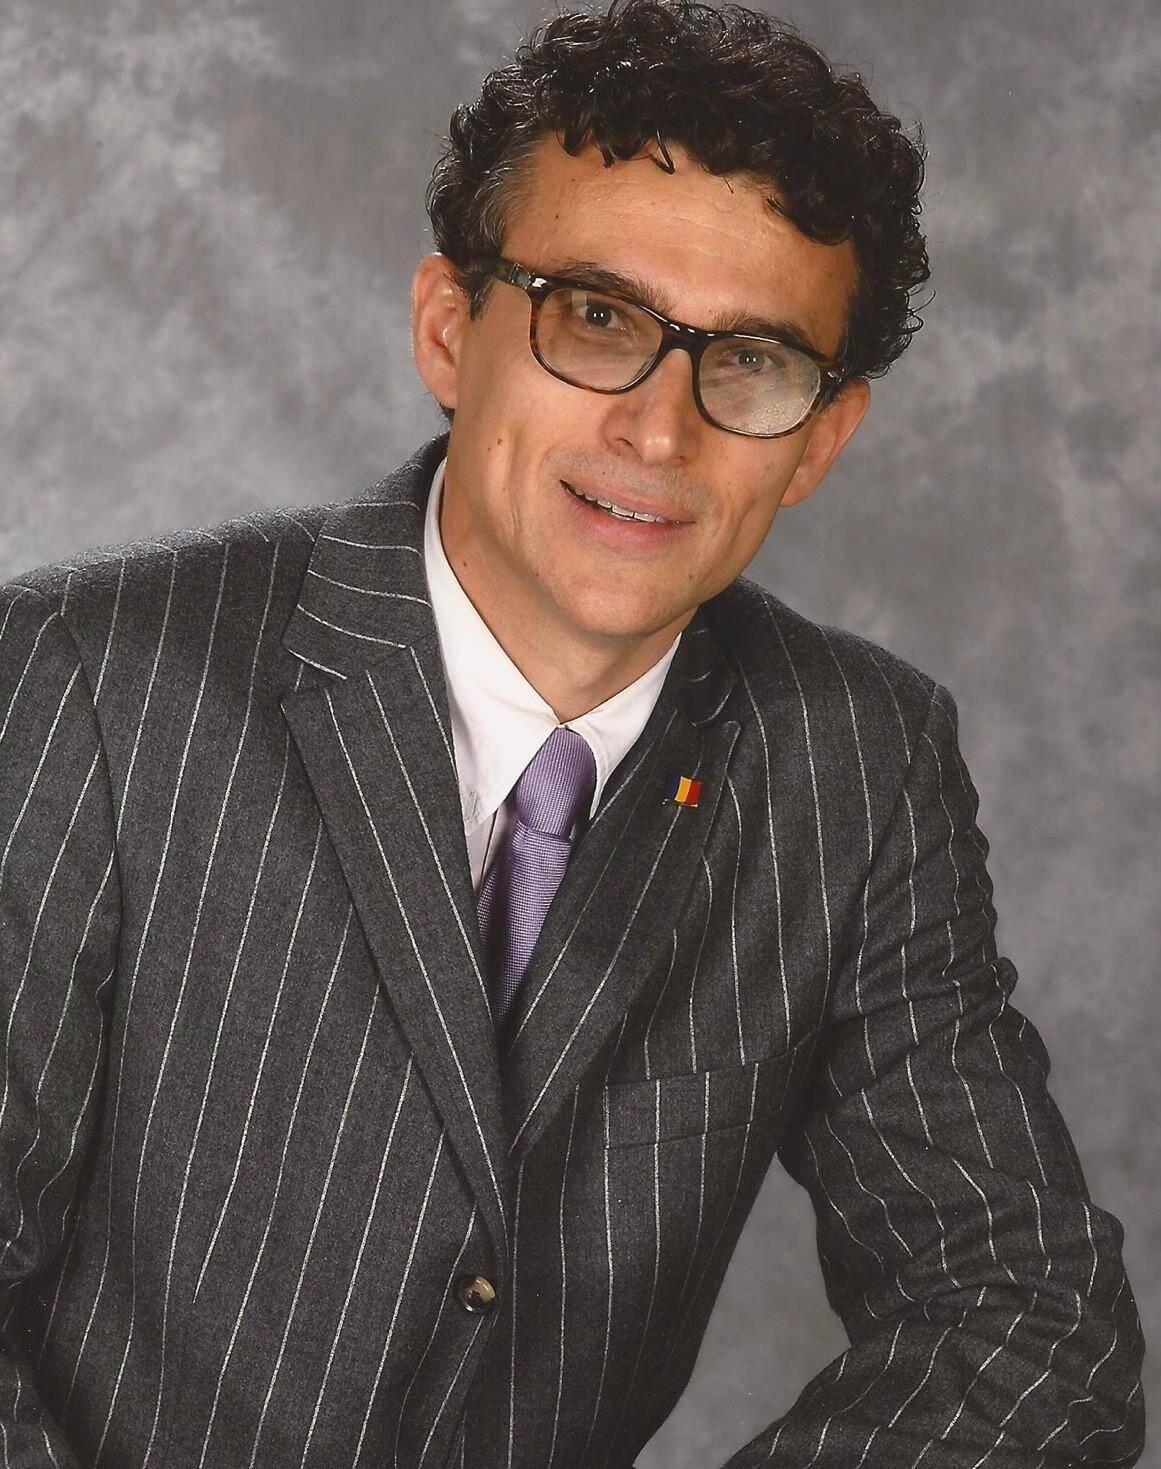 Le fondateur et Président d'honneur d'Amoro, Dr Constantin Turchina, également Consul honoraire de Roumanie à Monaco.